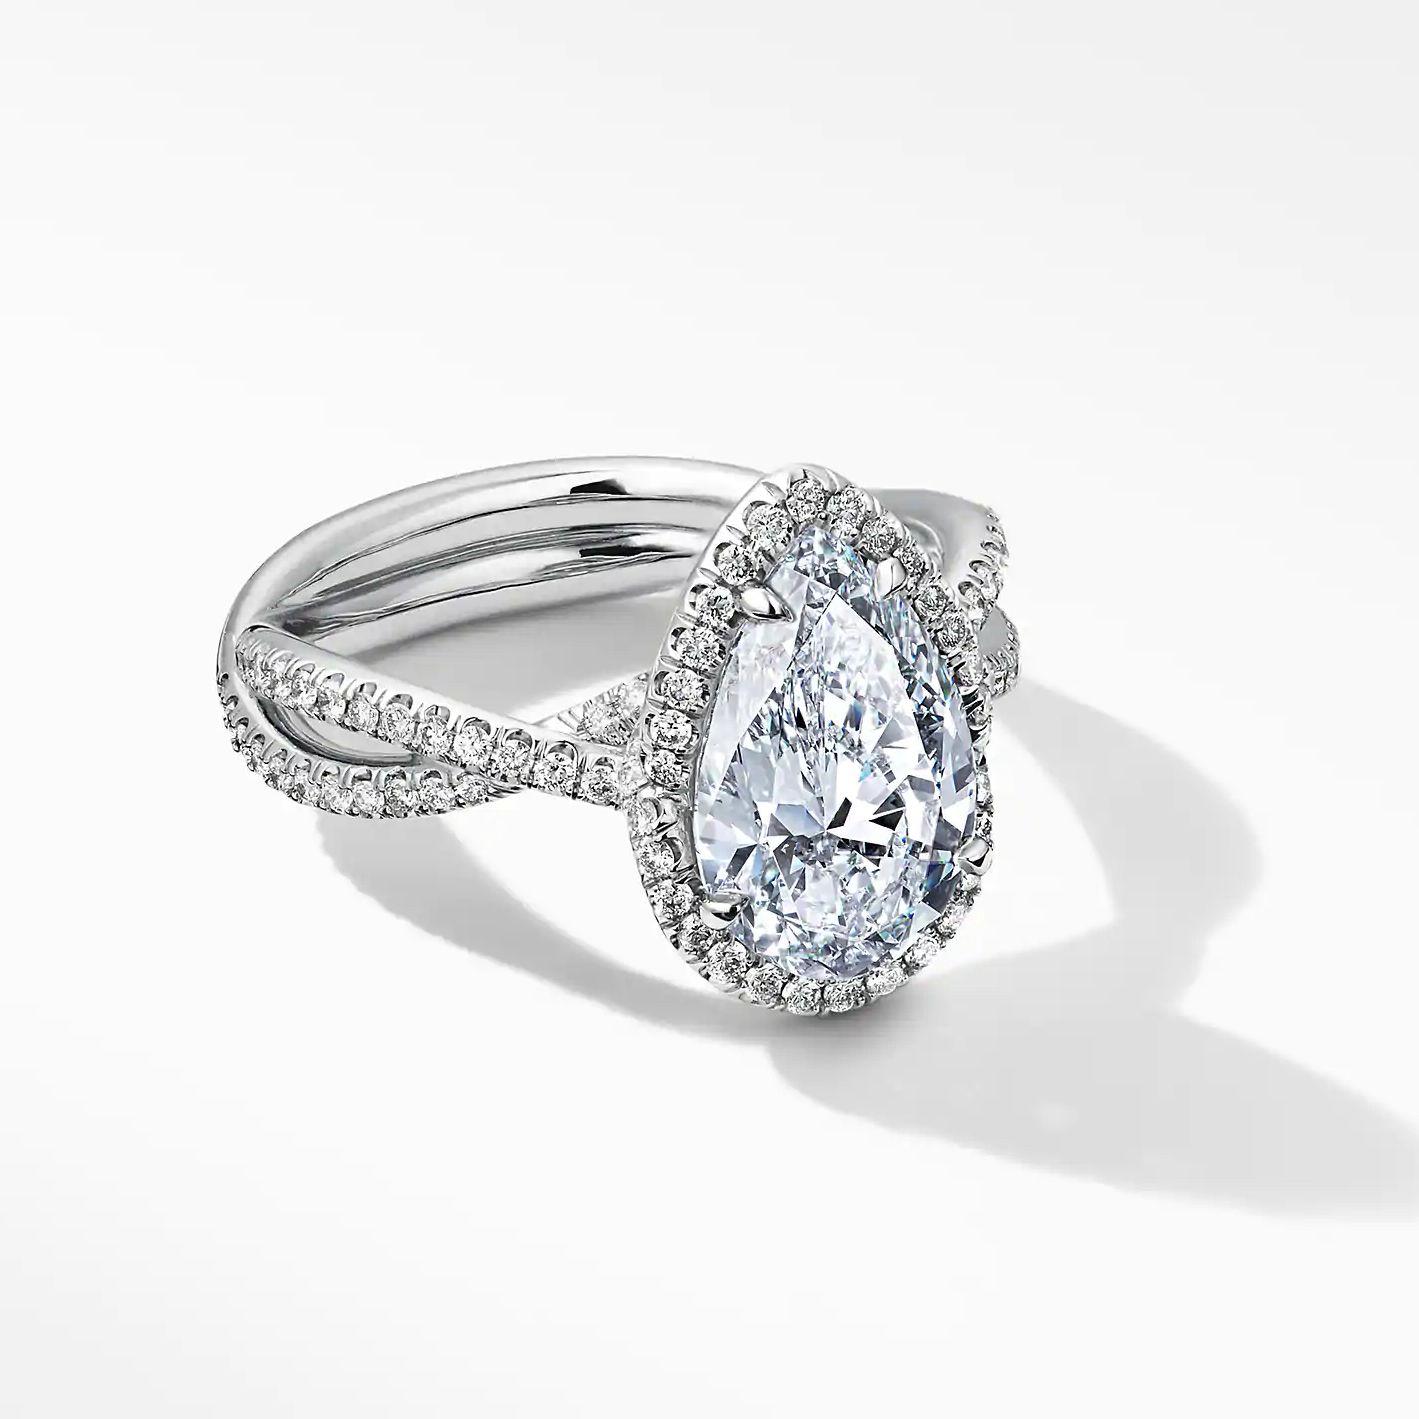 David Yurman Lanai Full Pavé Ring with Diamonds